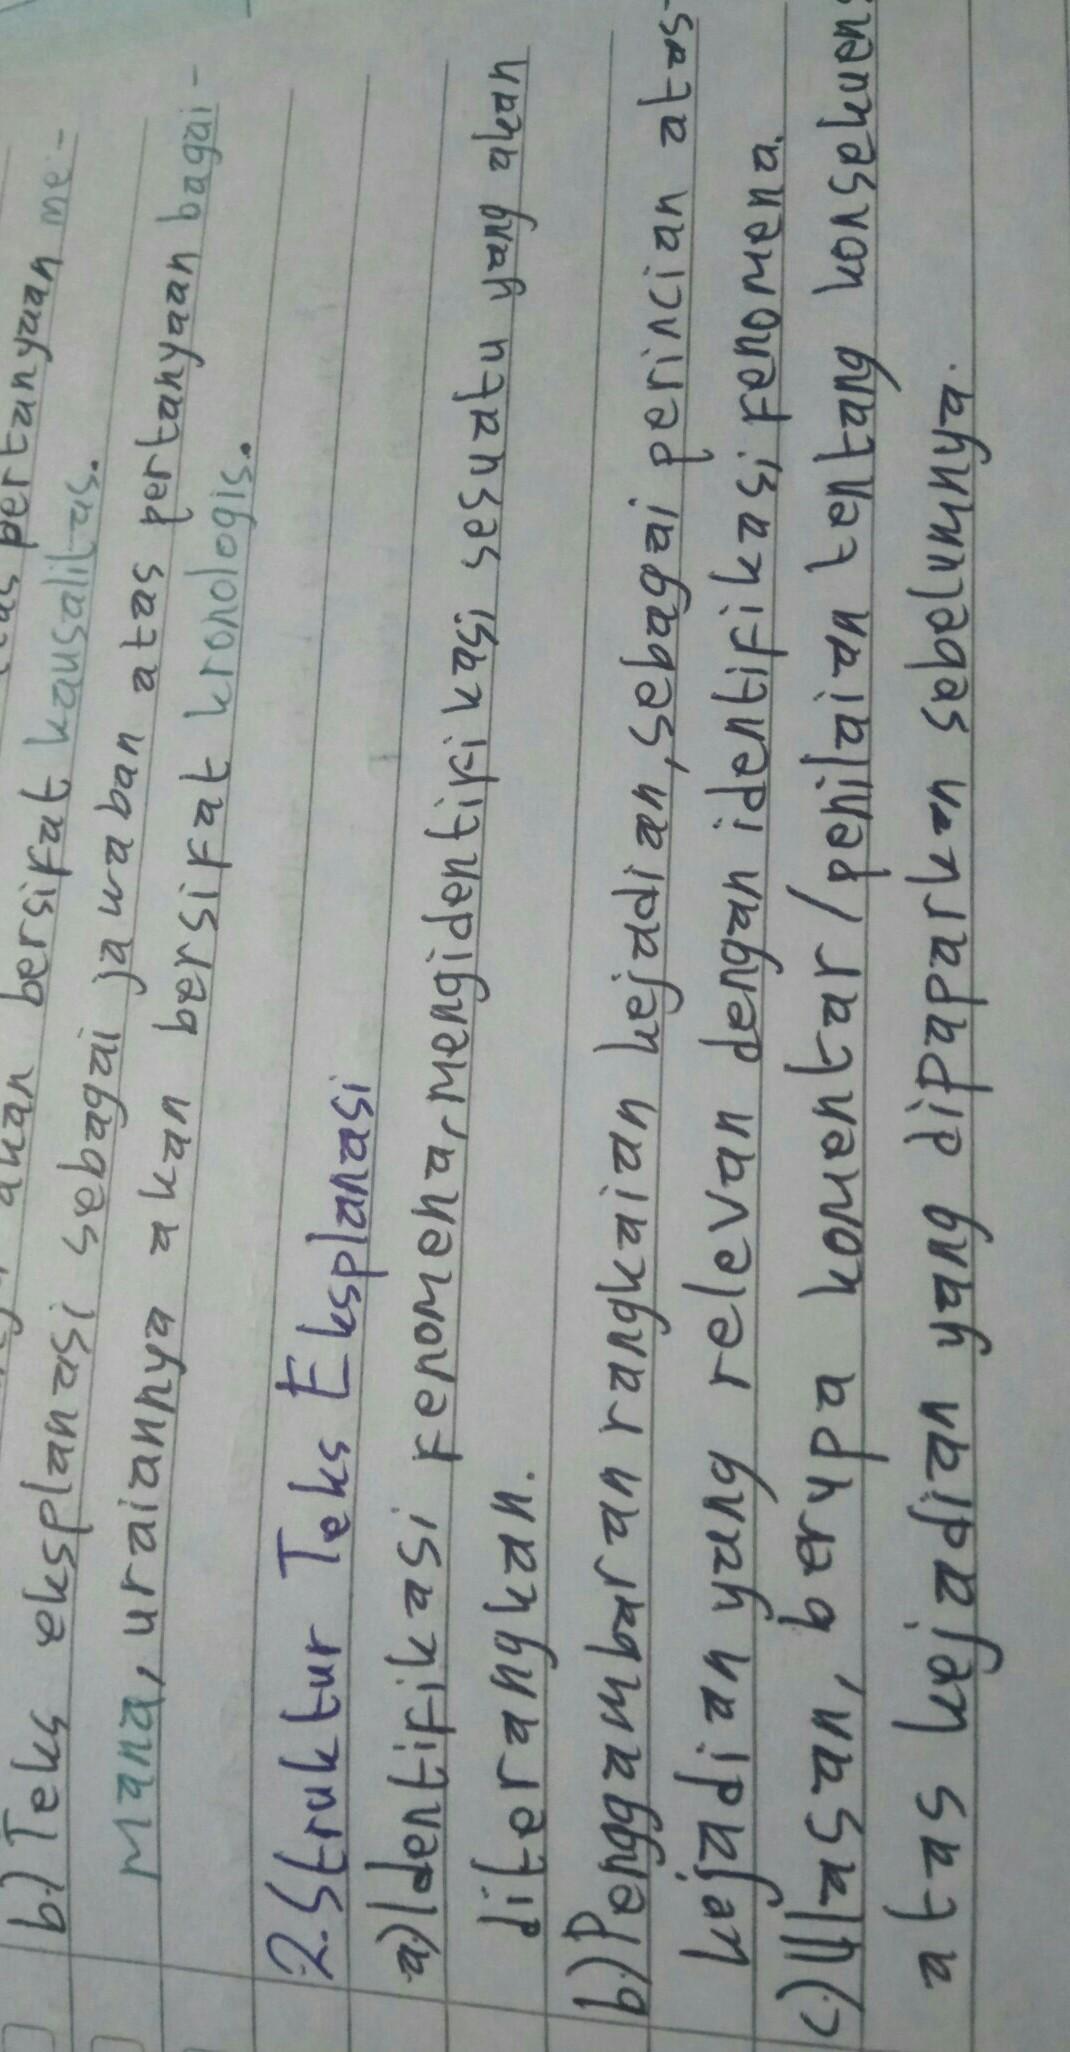 Sebutkan Dan Jelaskan Struktur Teks Anekdot : sebutkan, jelaskan, struktur, anekdot, Jelaskan, Struktur, Eksplanasi, Pendidikan